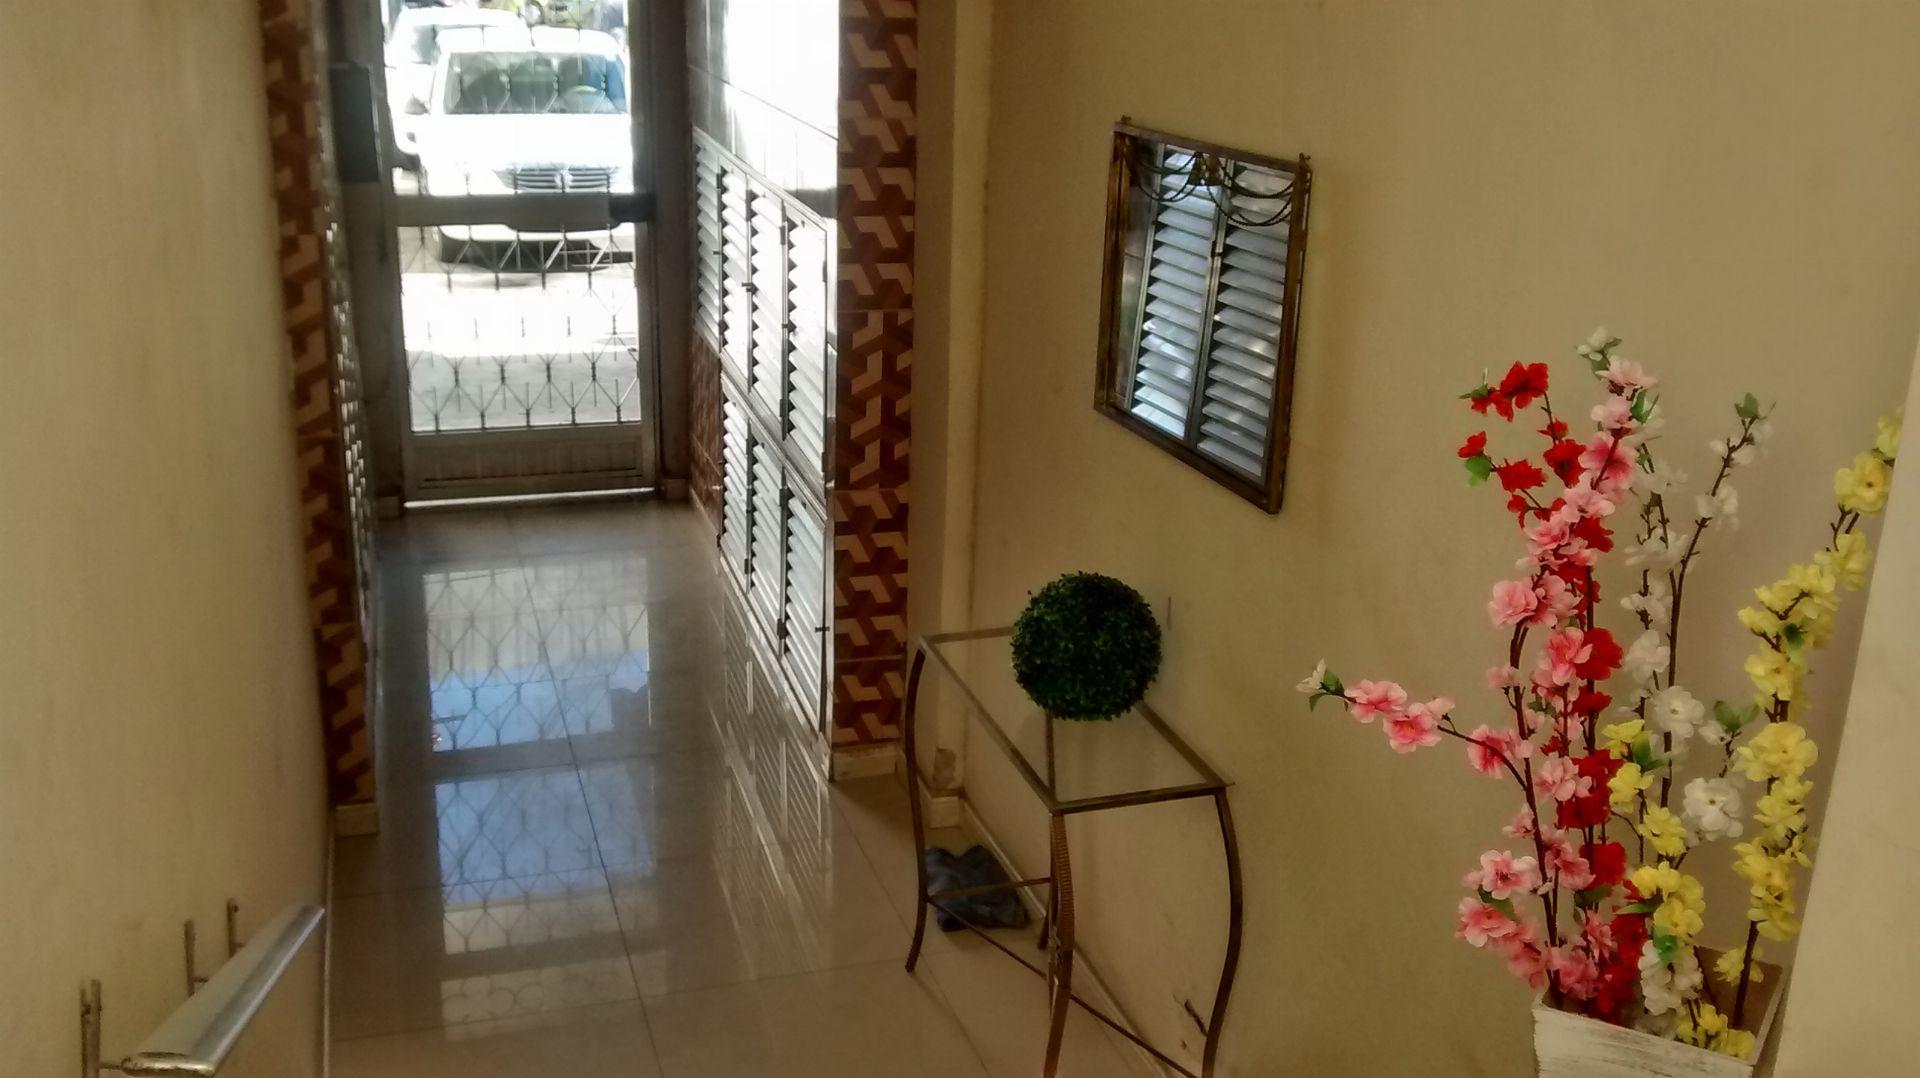 FOTO 15 - Cobertura à venda Avenida Dom Hélder Câmara,Piedade, Rio de Janeiro - R$ 370.000 - RF186 - 16